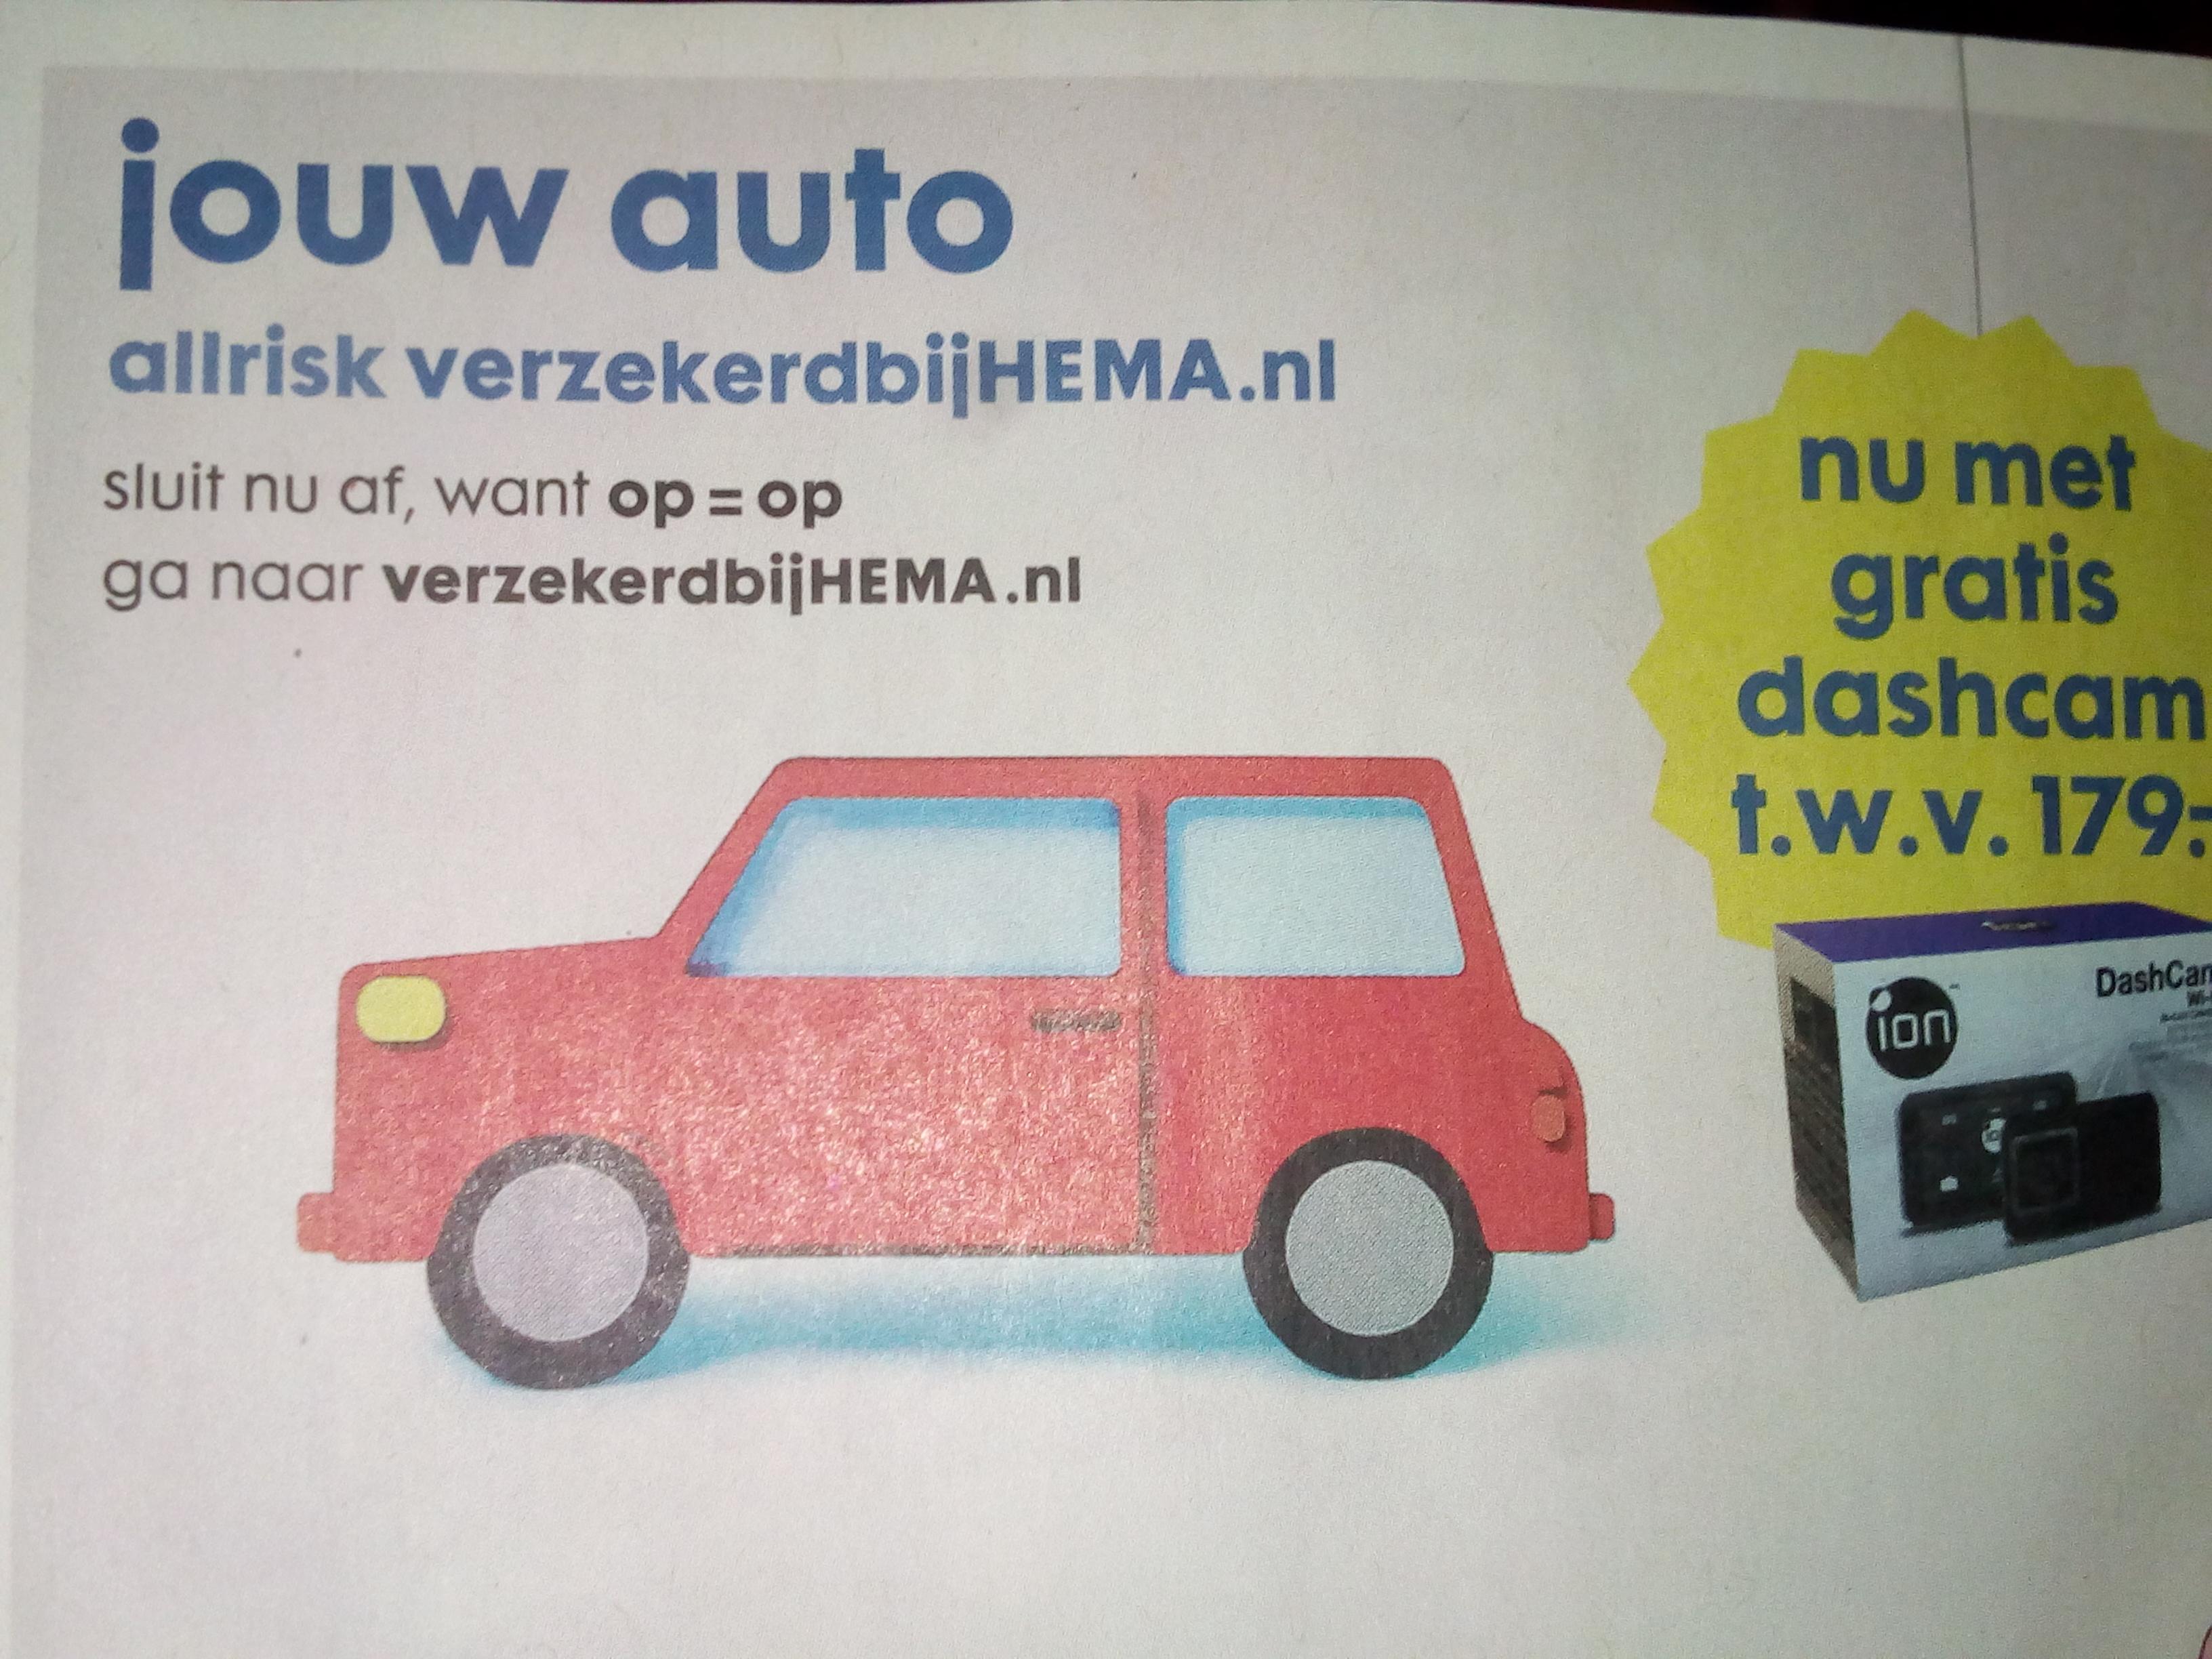 gratis Dashcam t.w.v €179